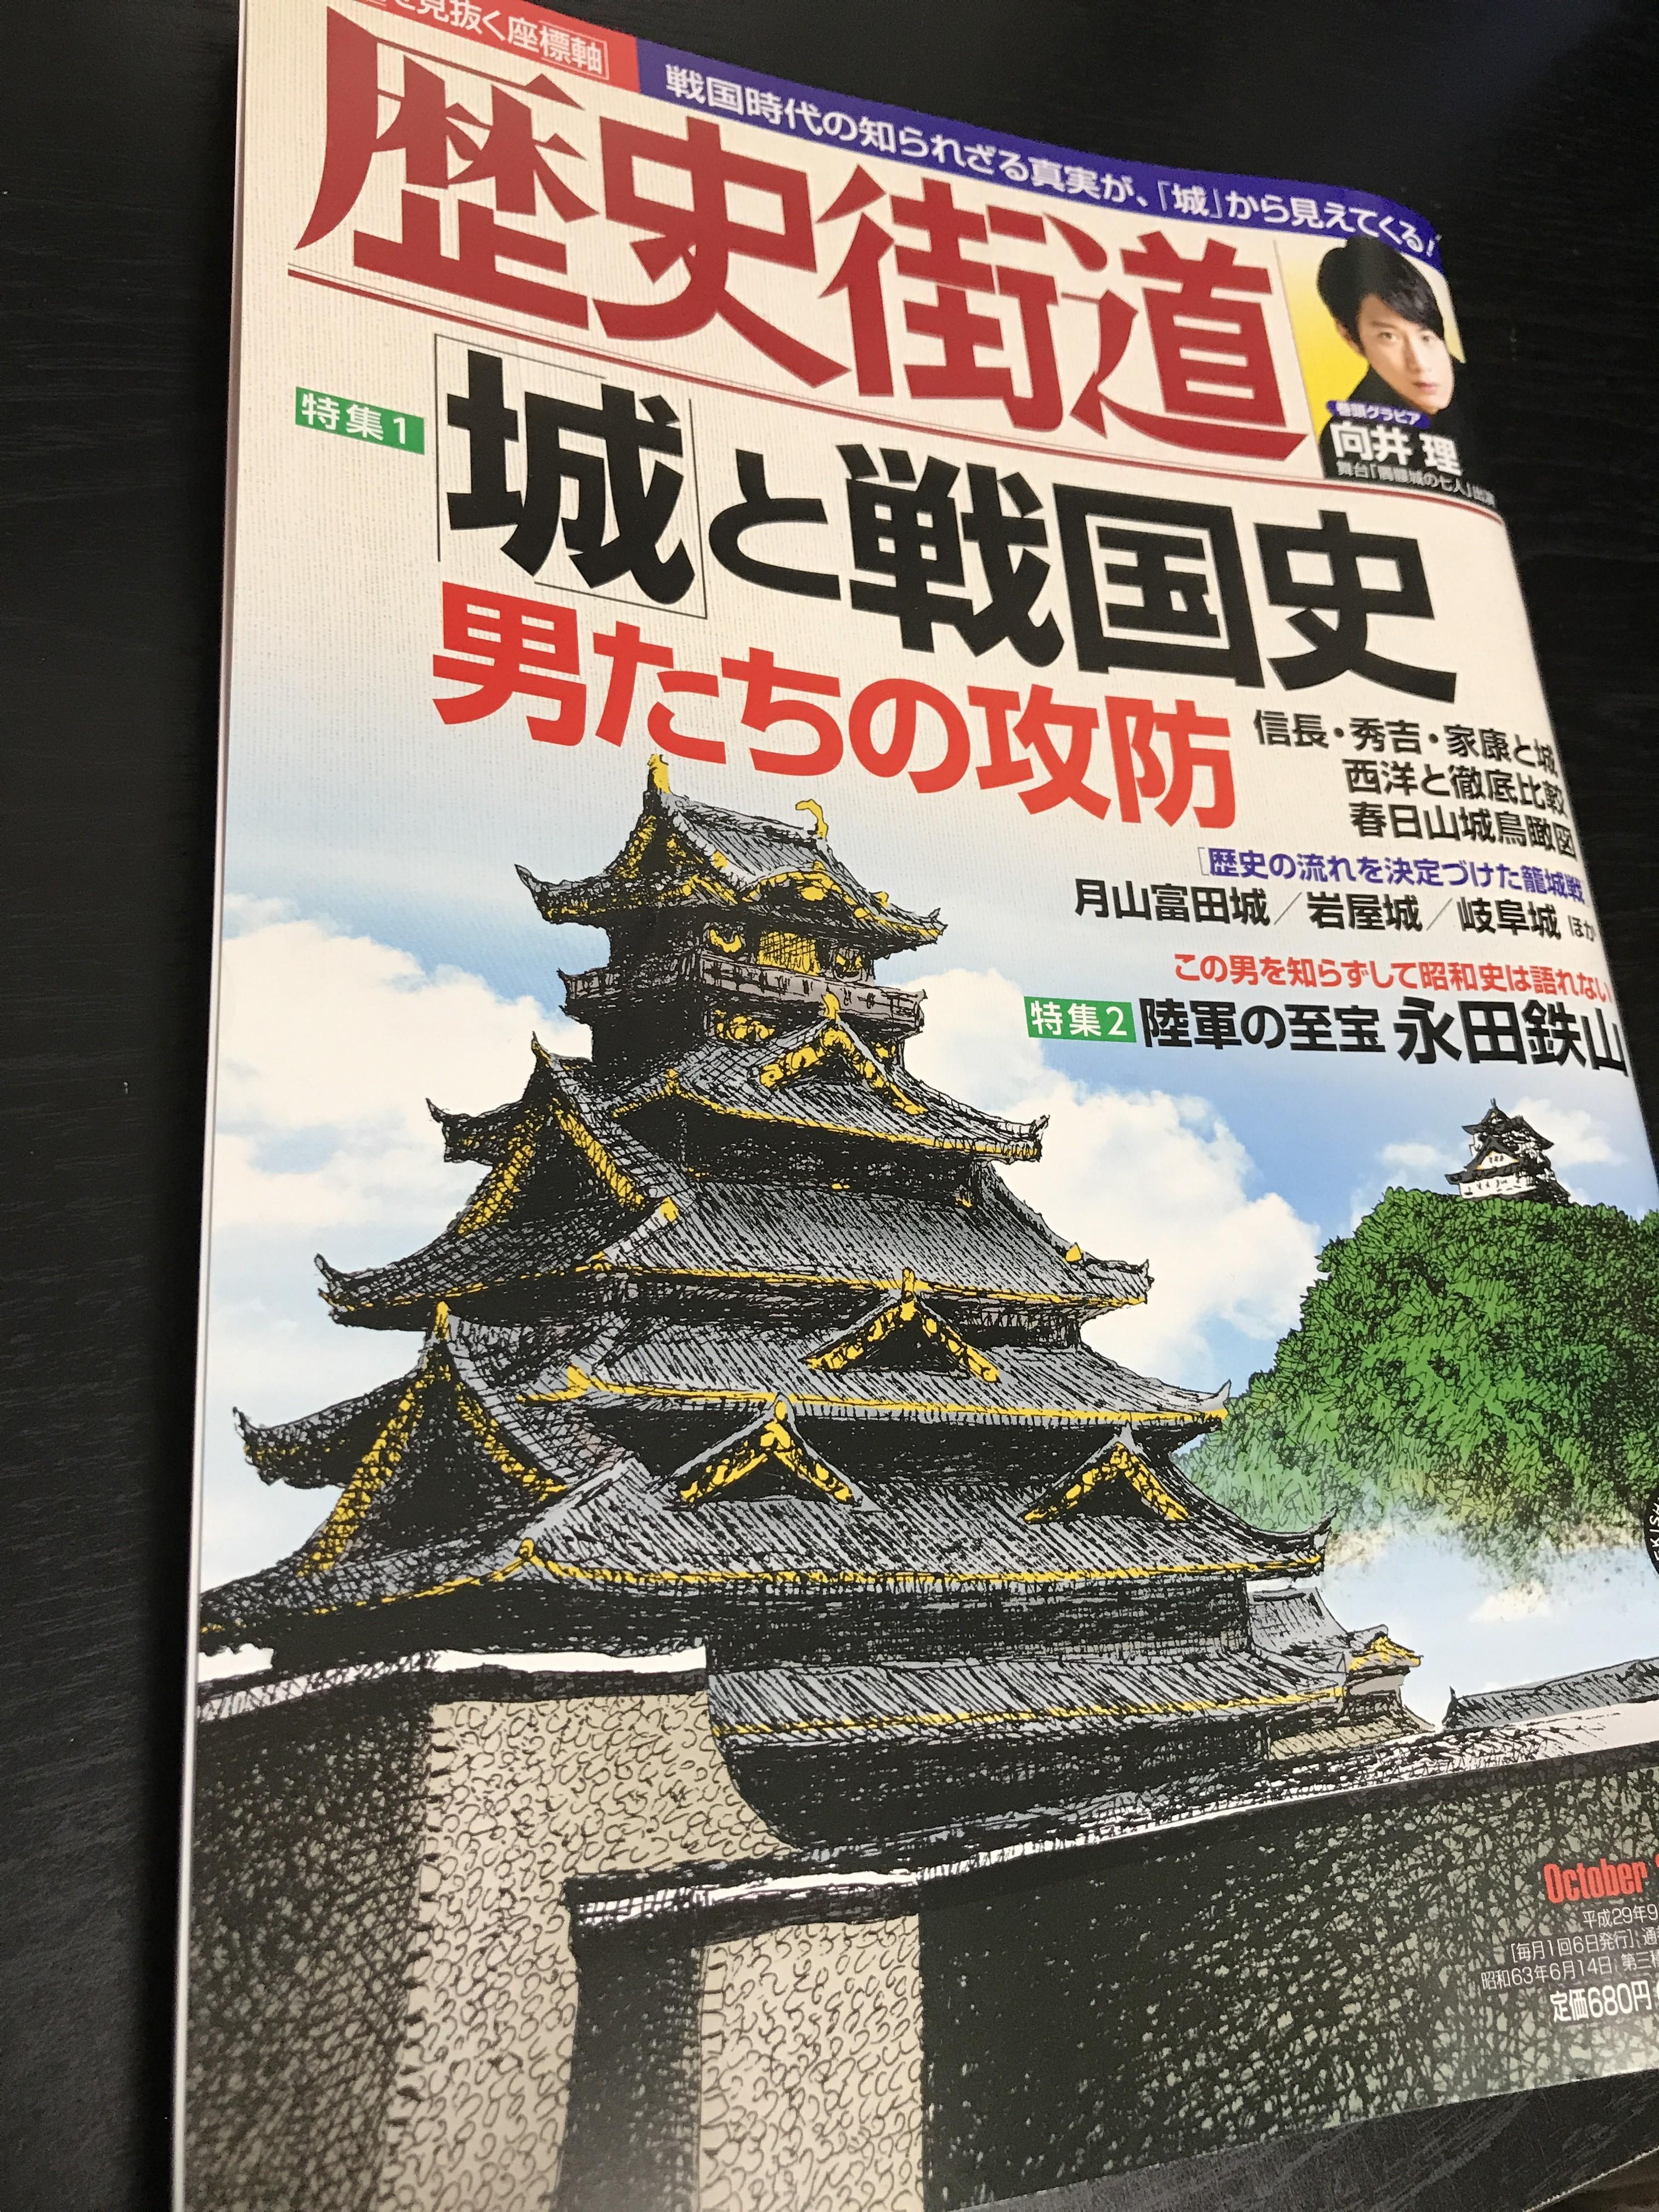 歴史街道に書籍紹介の取材協力しました。